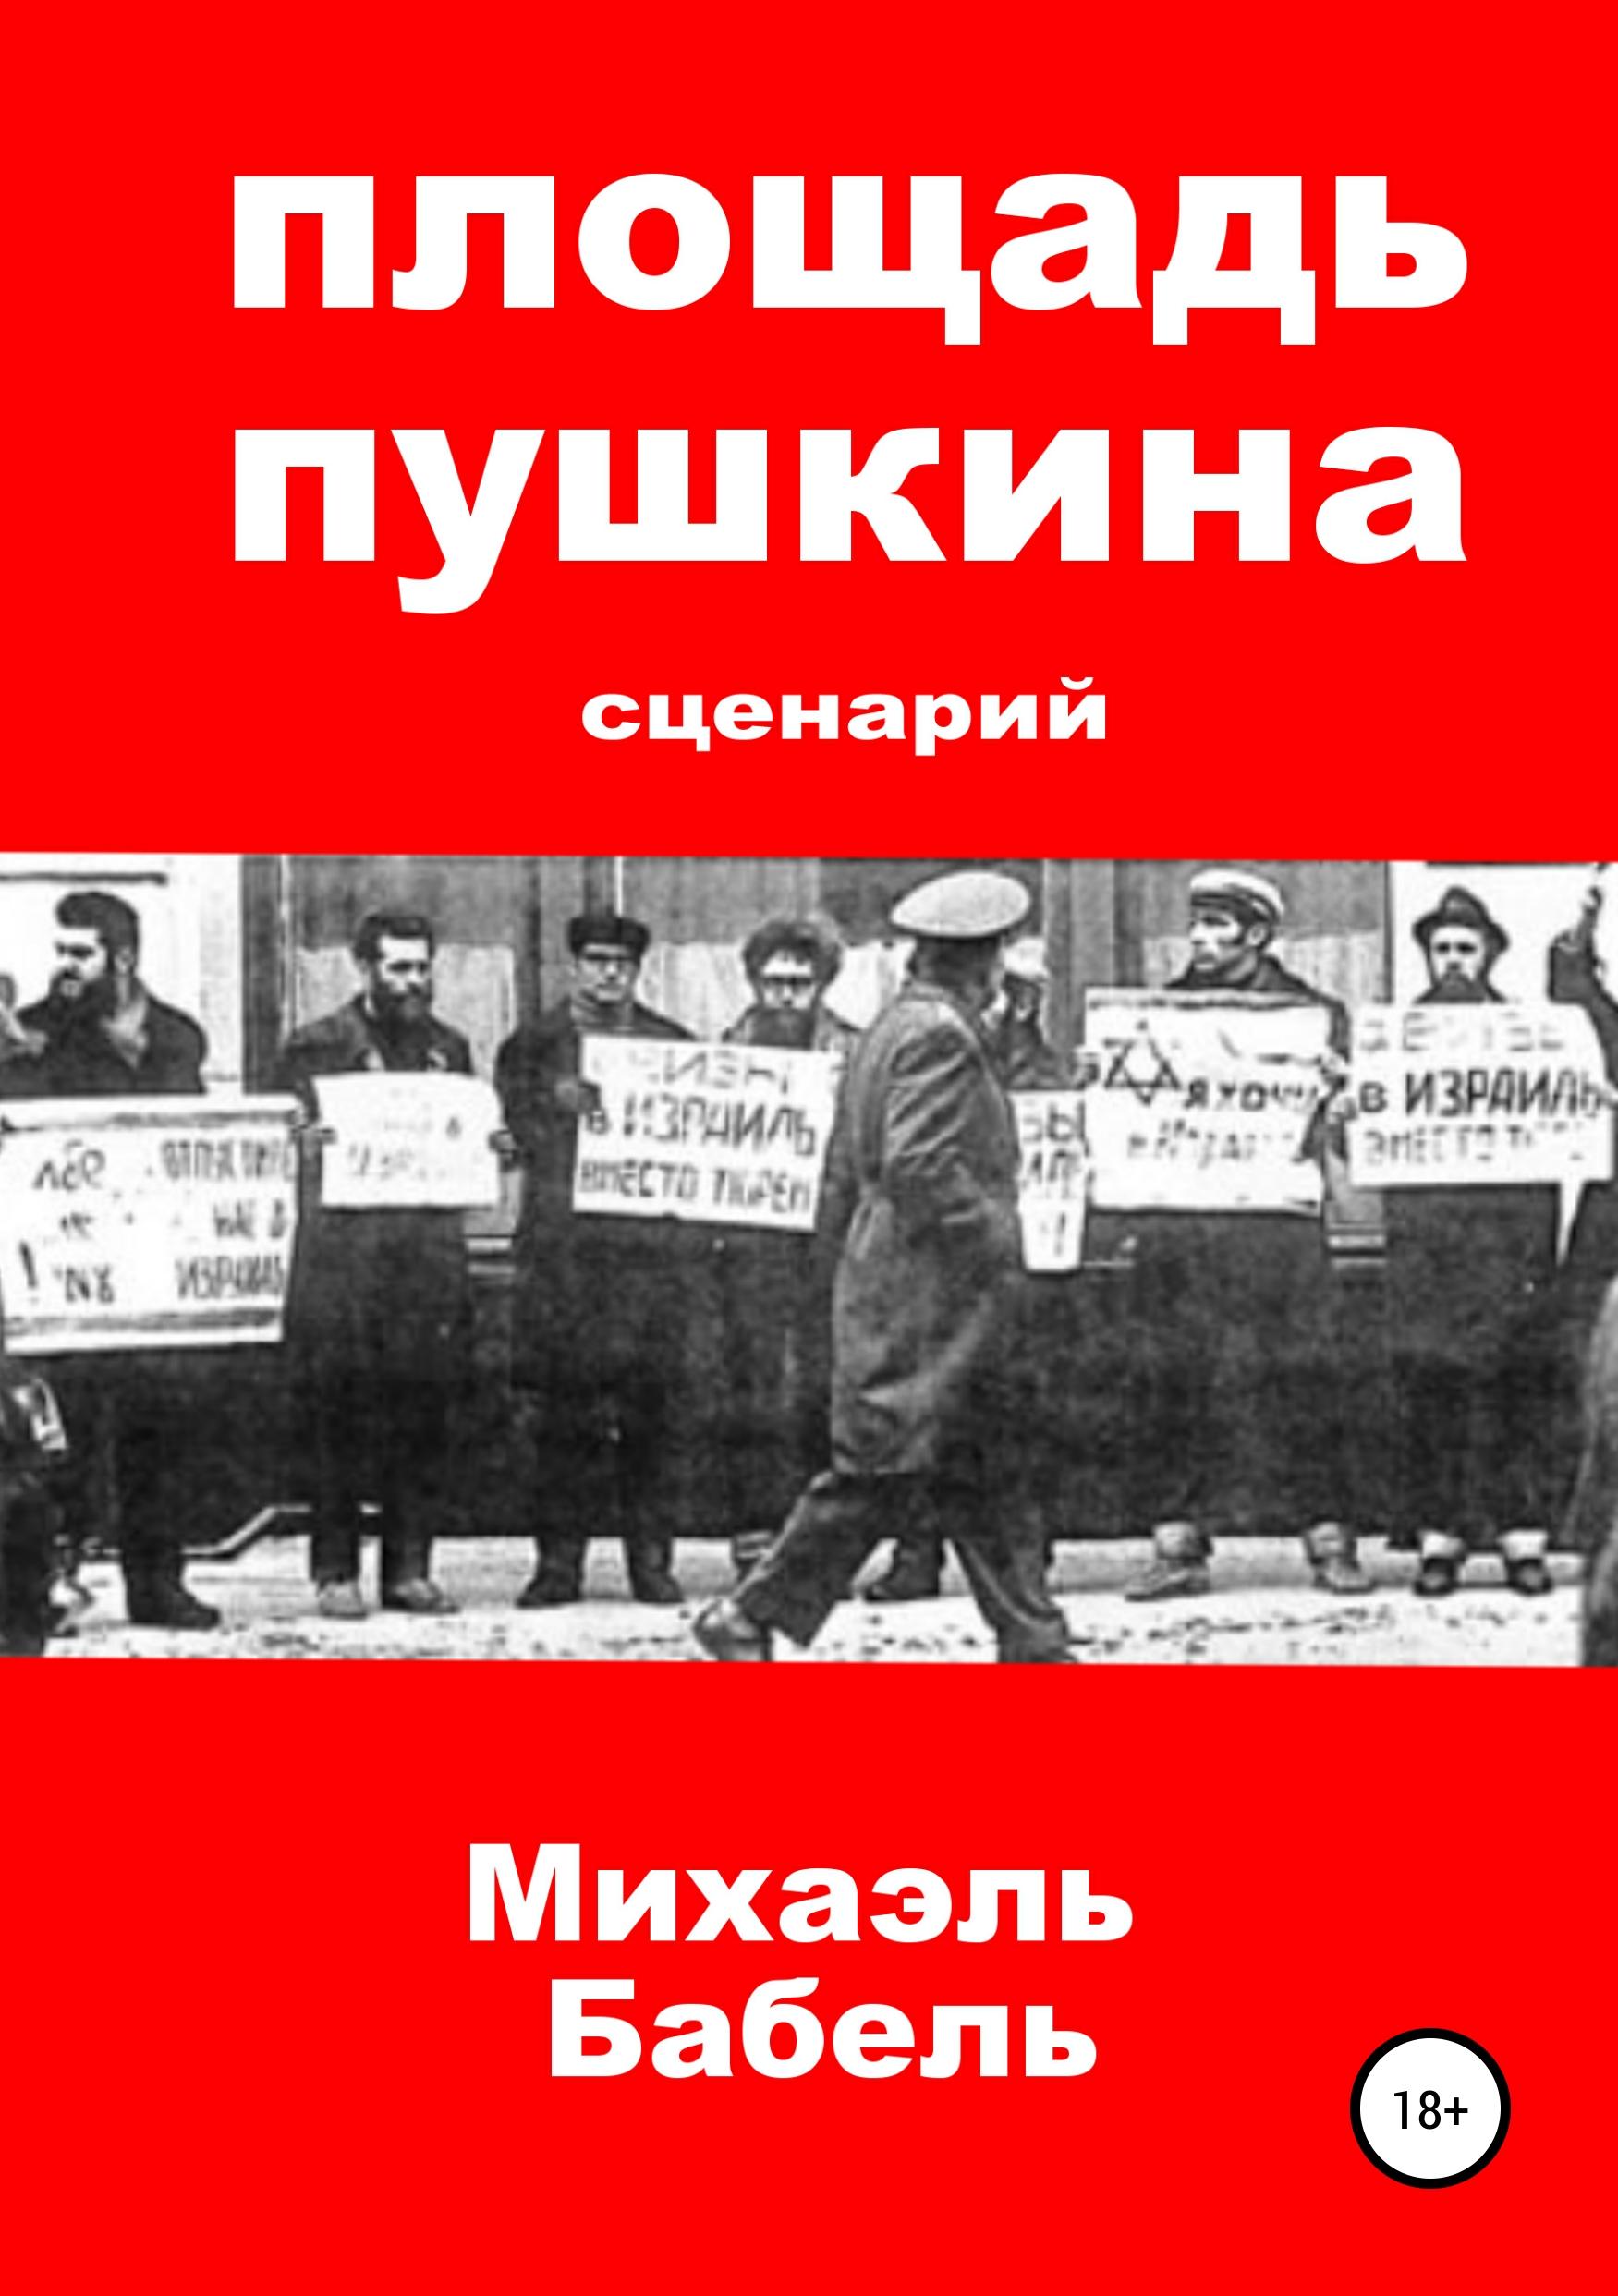 Михаэль Бабель Площадь Пушкина. Сценарий